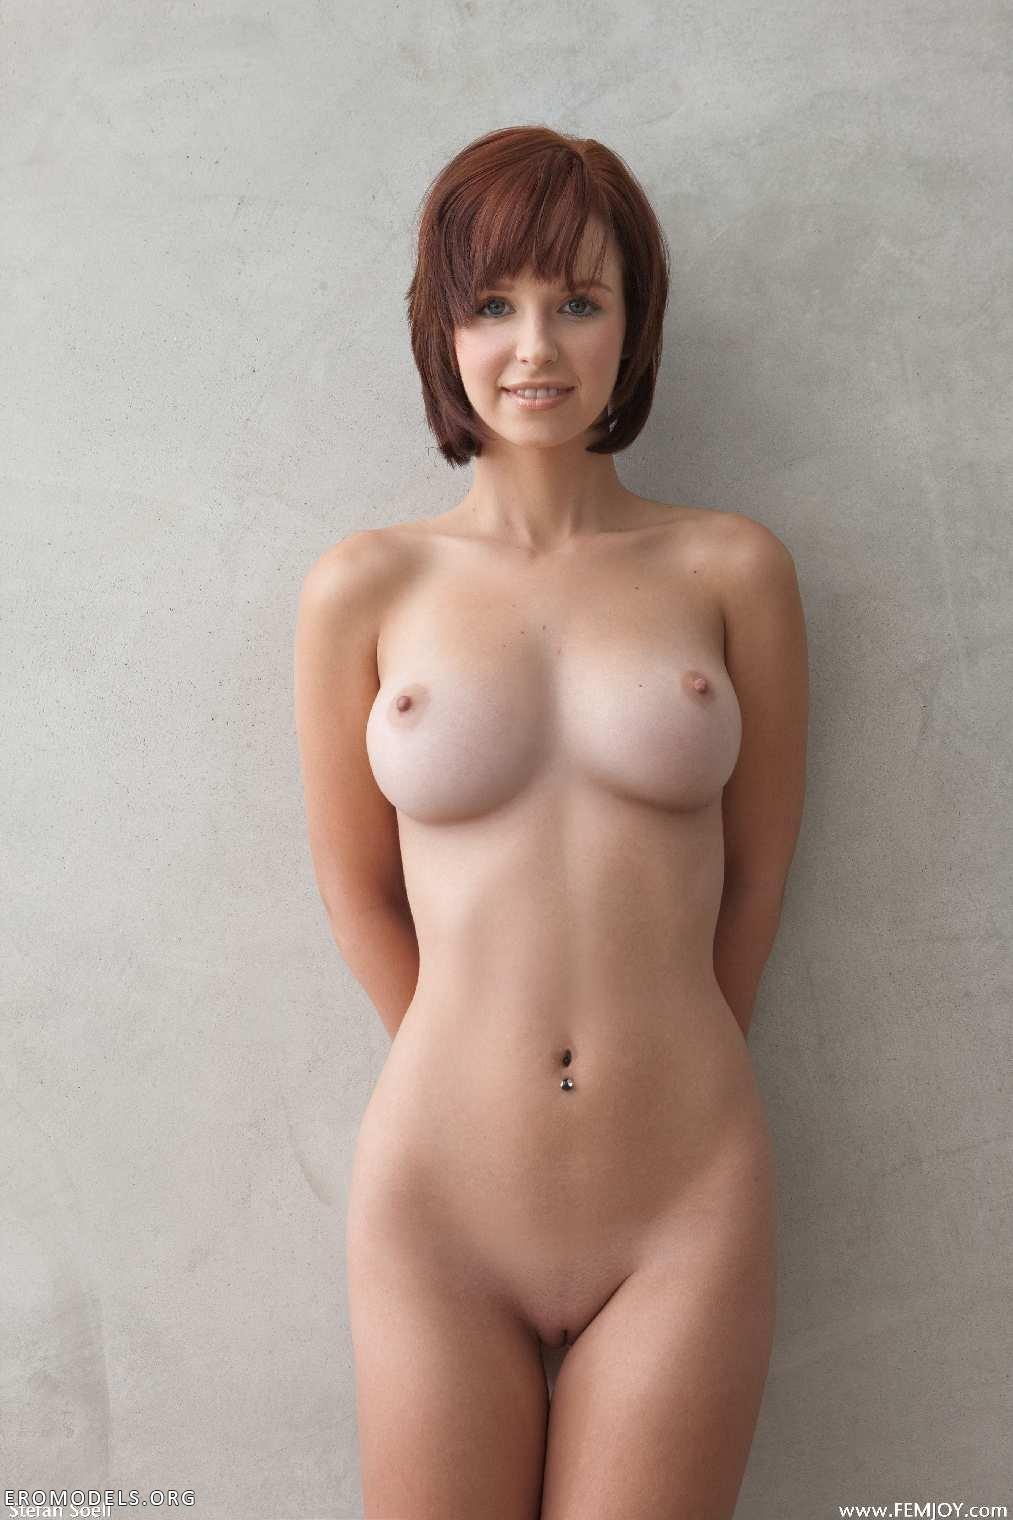 Фото красивых девушек с большой грудью голышом 17 фотография